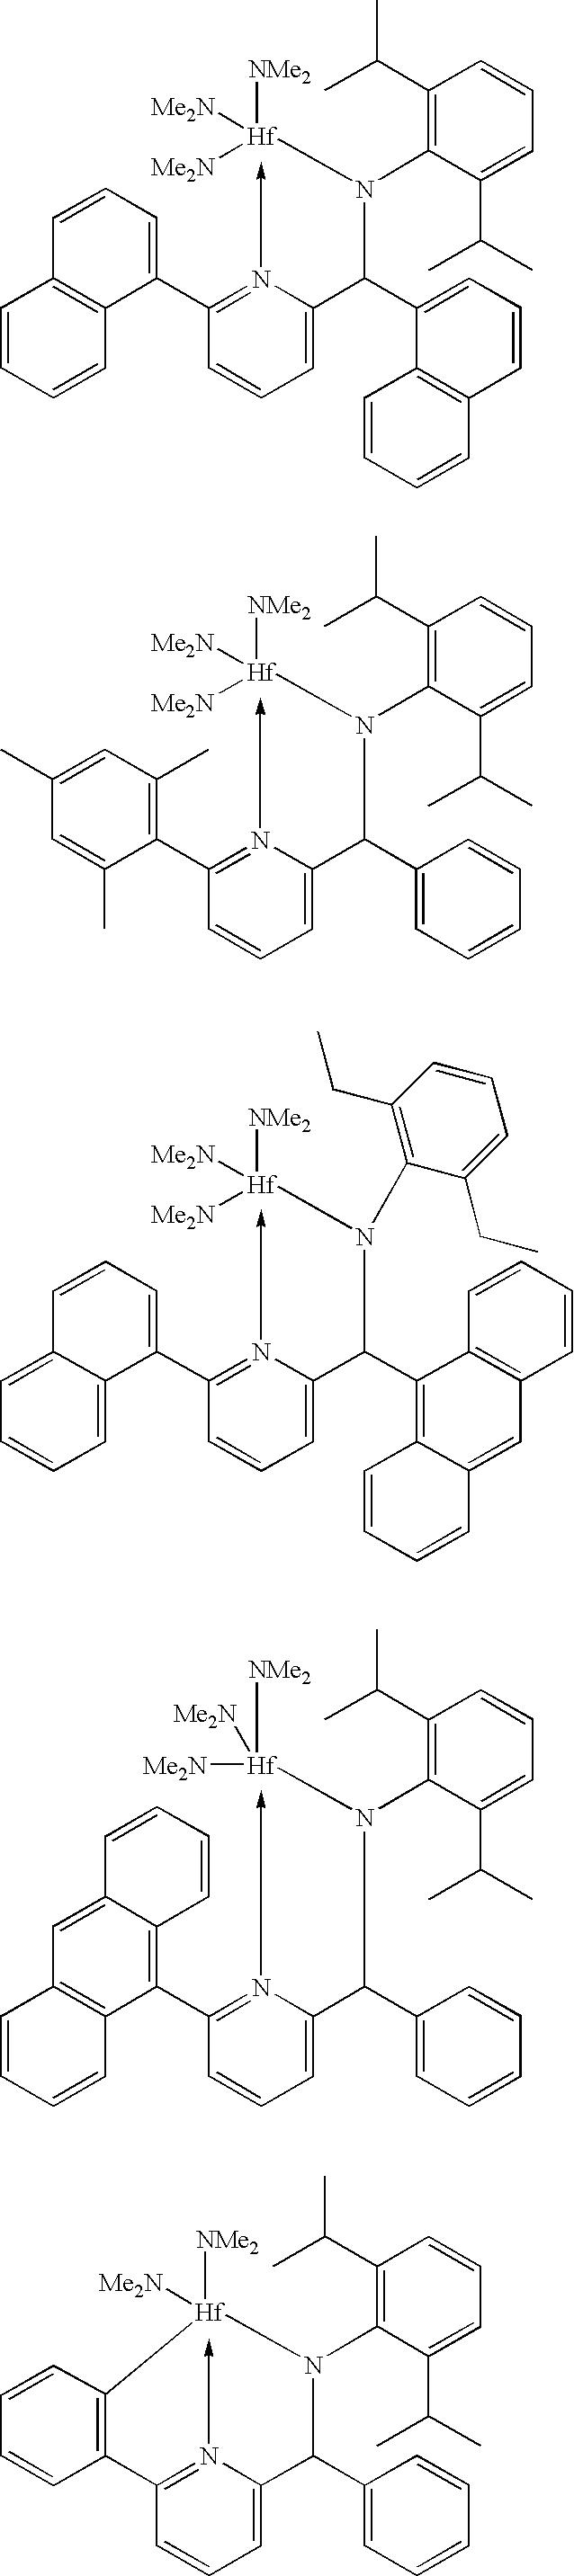 Figure US06900321-20050531-C00056